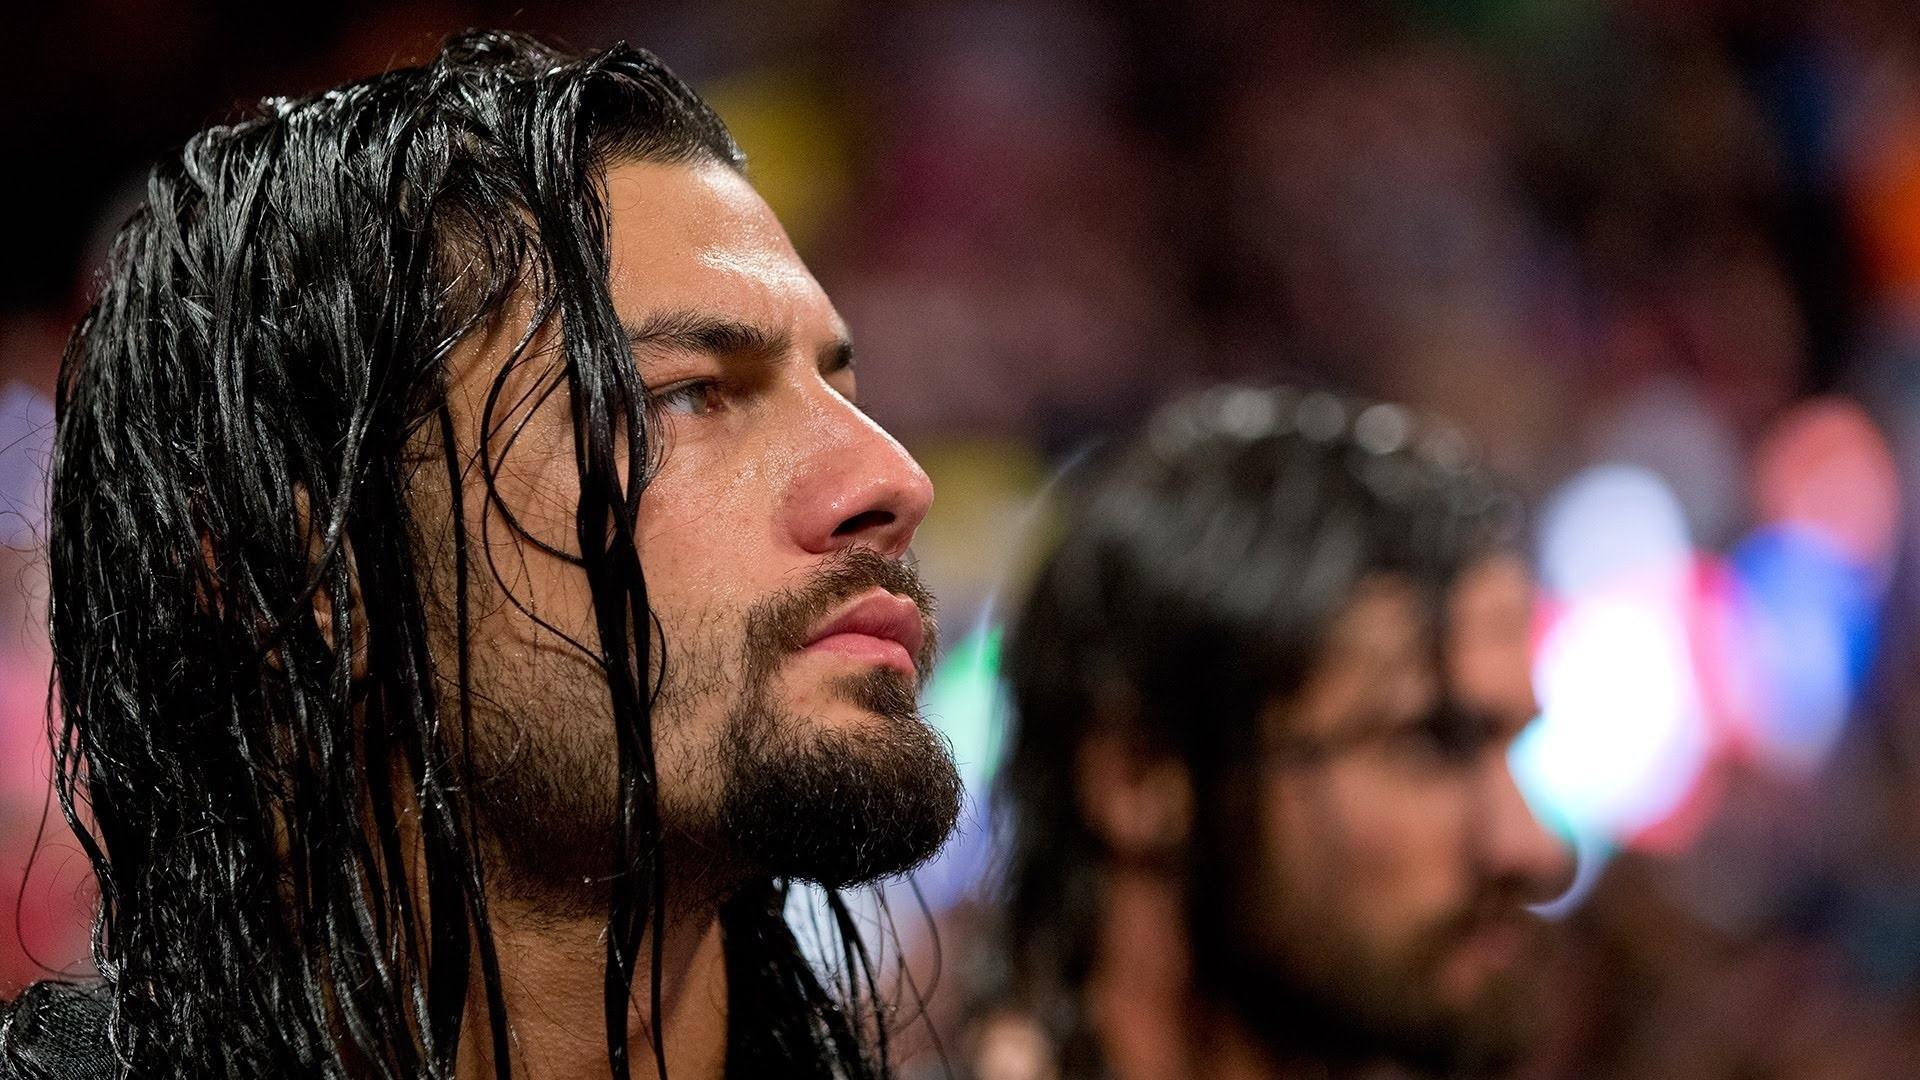 WWE Wallpaper #142 | WWE Wrestlers | Pinterest | Wwe wallpapers and Wwe  wrestlers